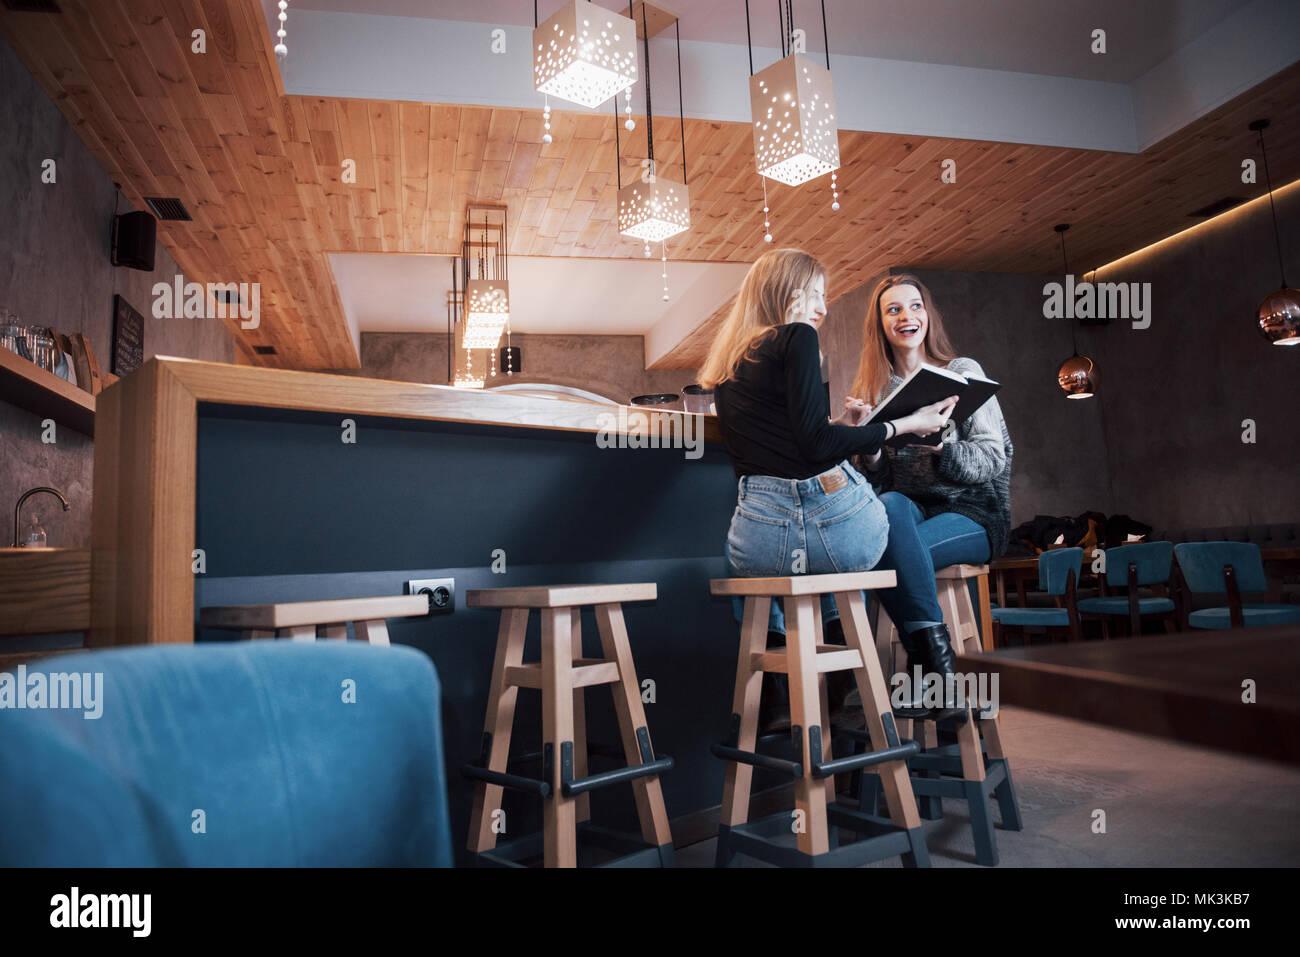 Zwei junge Frauen sitzen im Cafe Kaffee trinken und genießen in gute Bücher. Studenten auf Kaffeepause. Bildung, Lifestyle Konzept Stockbild